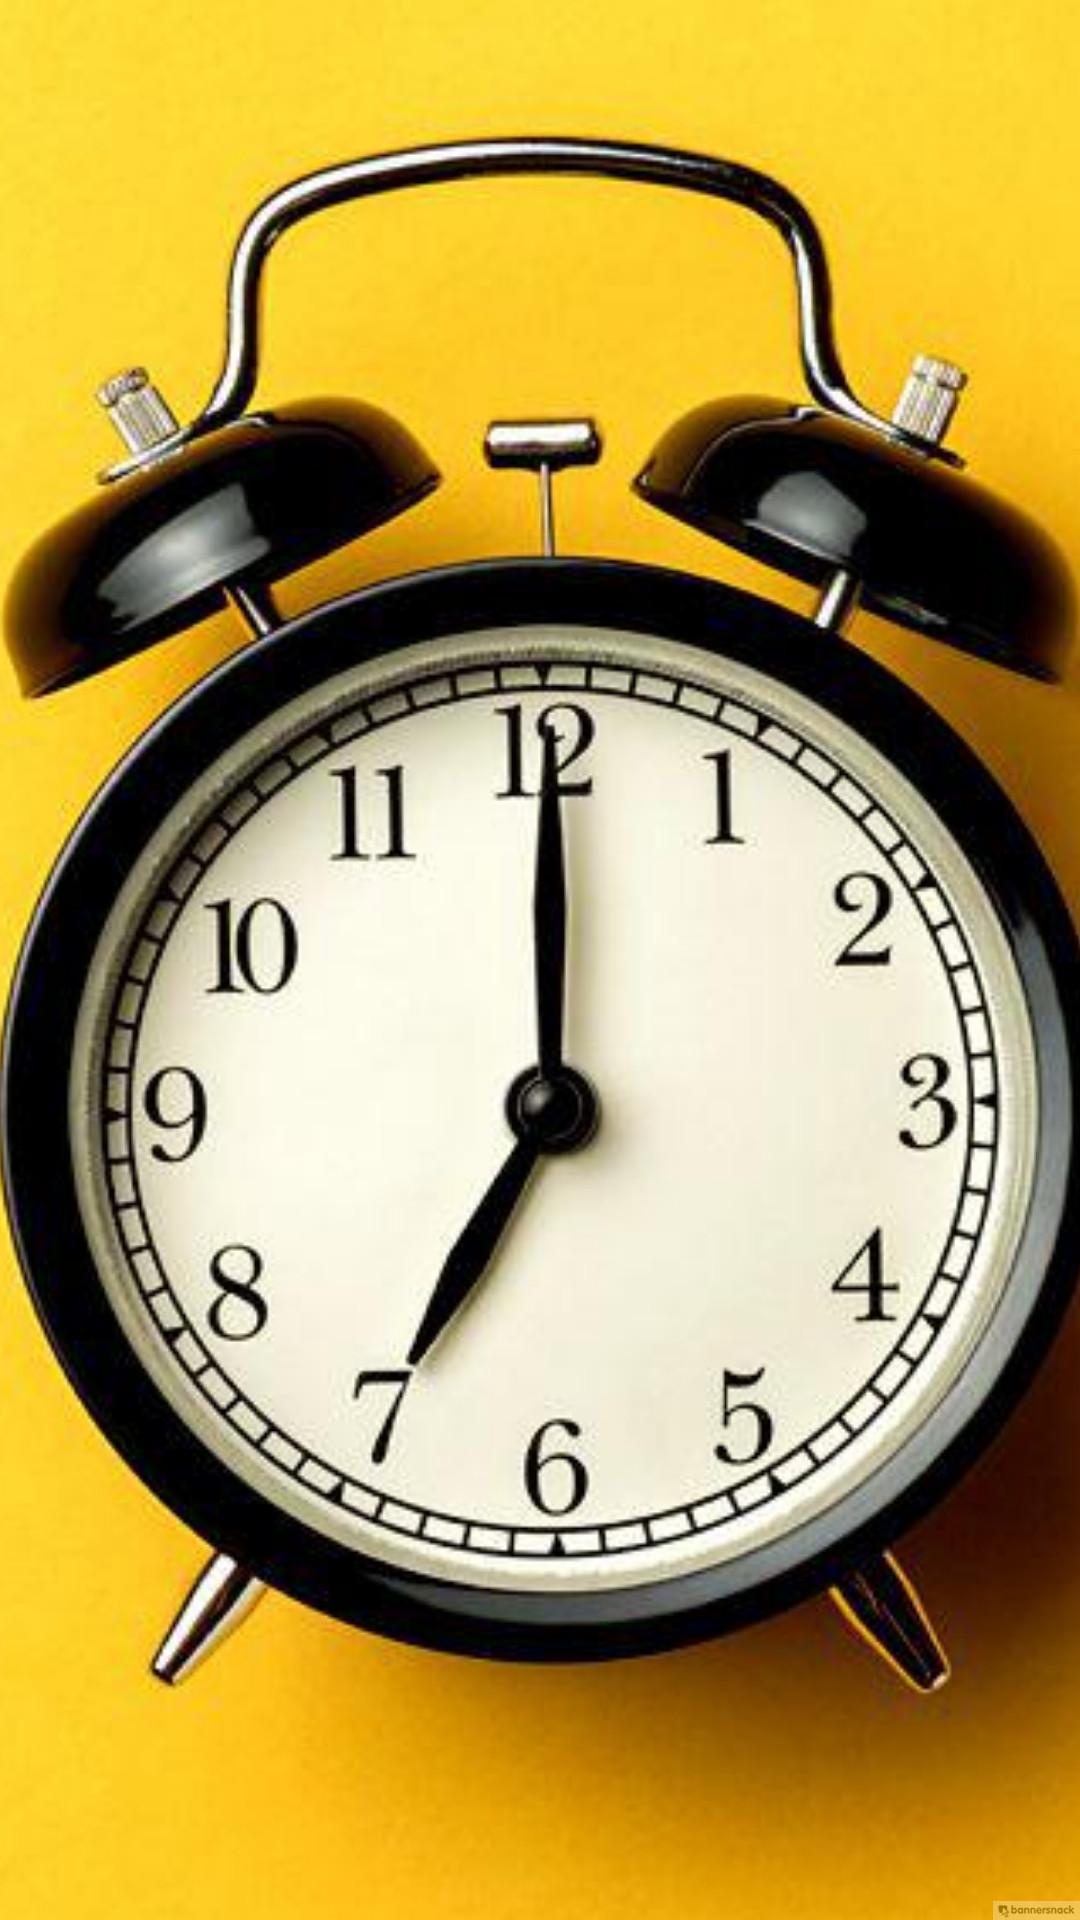 19. Jam Perdagangan Bursa - Beli dan jual saham tidak bisa dilakukan setiap waktu, ada aturan mengenai jam perdagangan bursa.Baca selengkapnya : Jam Perdagangan Saham